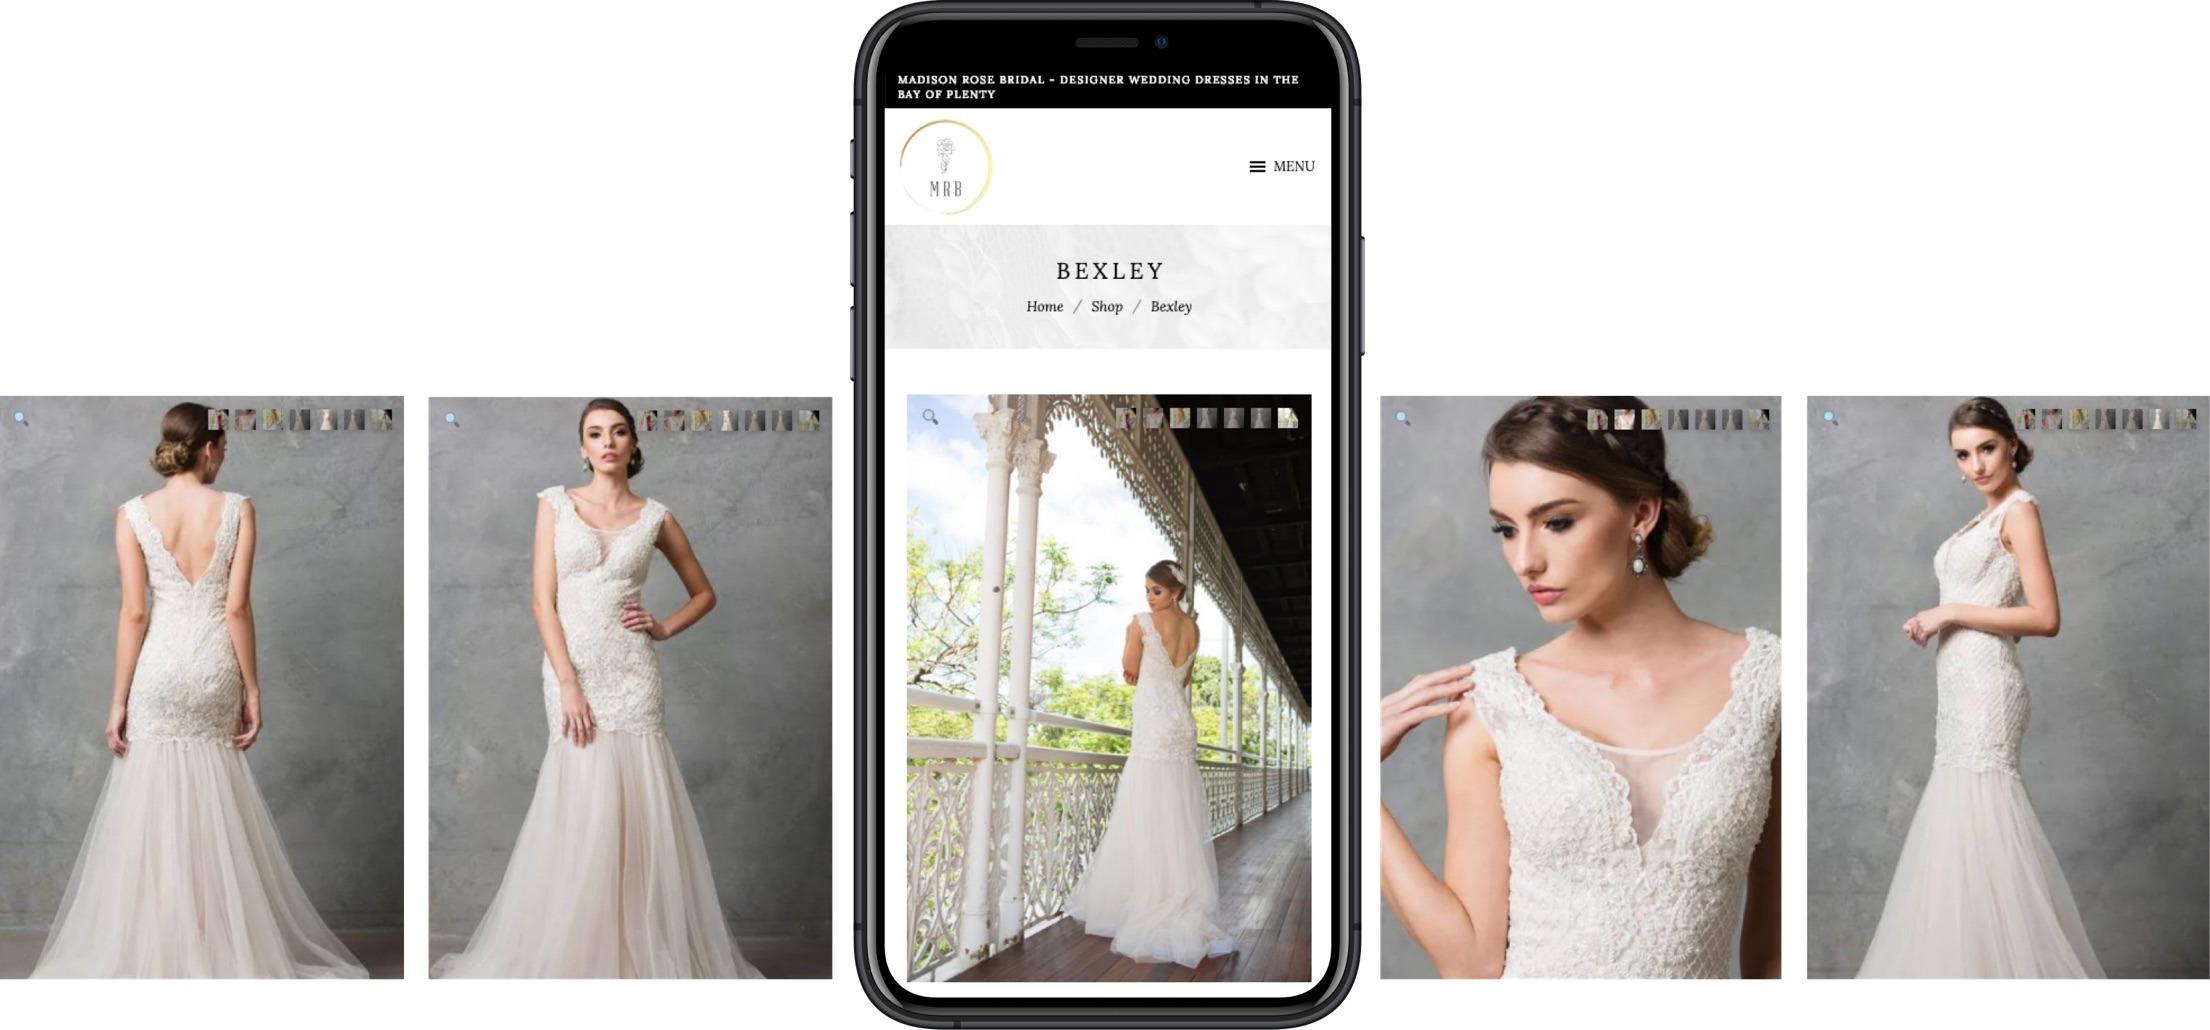 E-commerce - Madison Rose Bridal